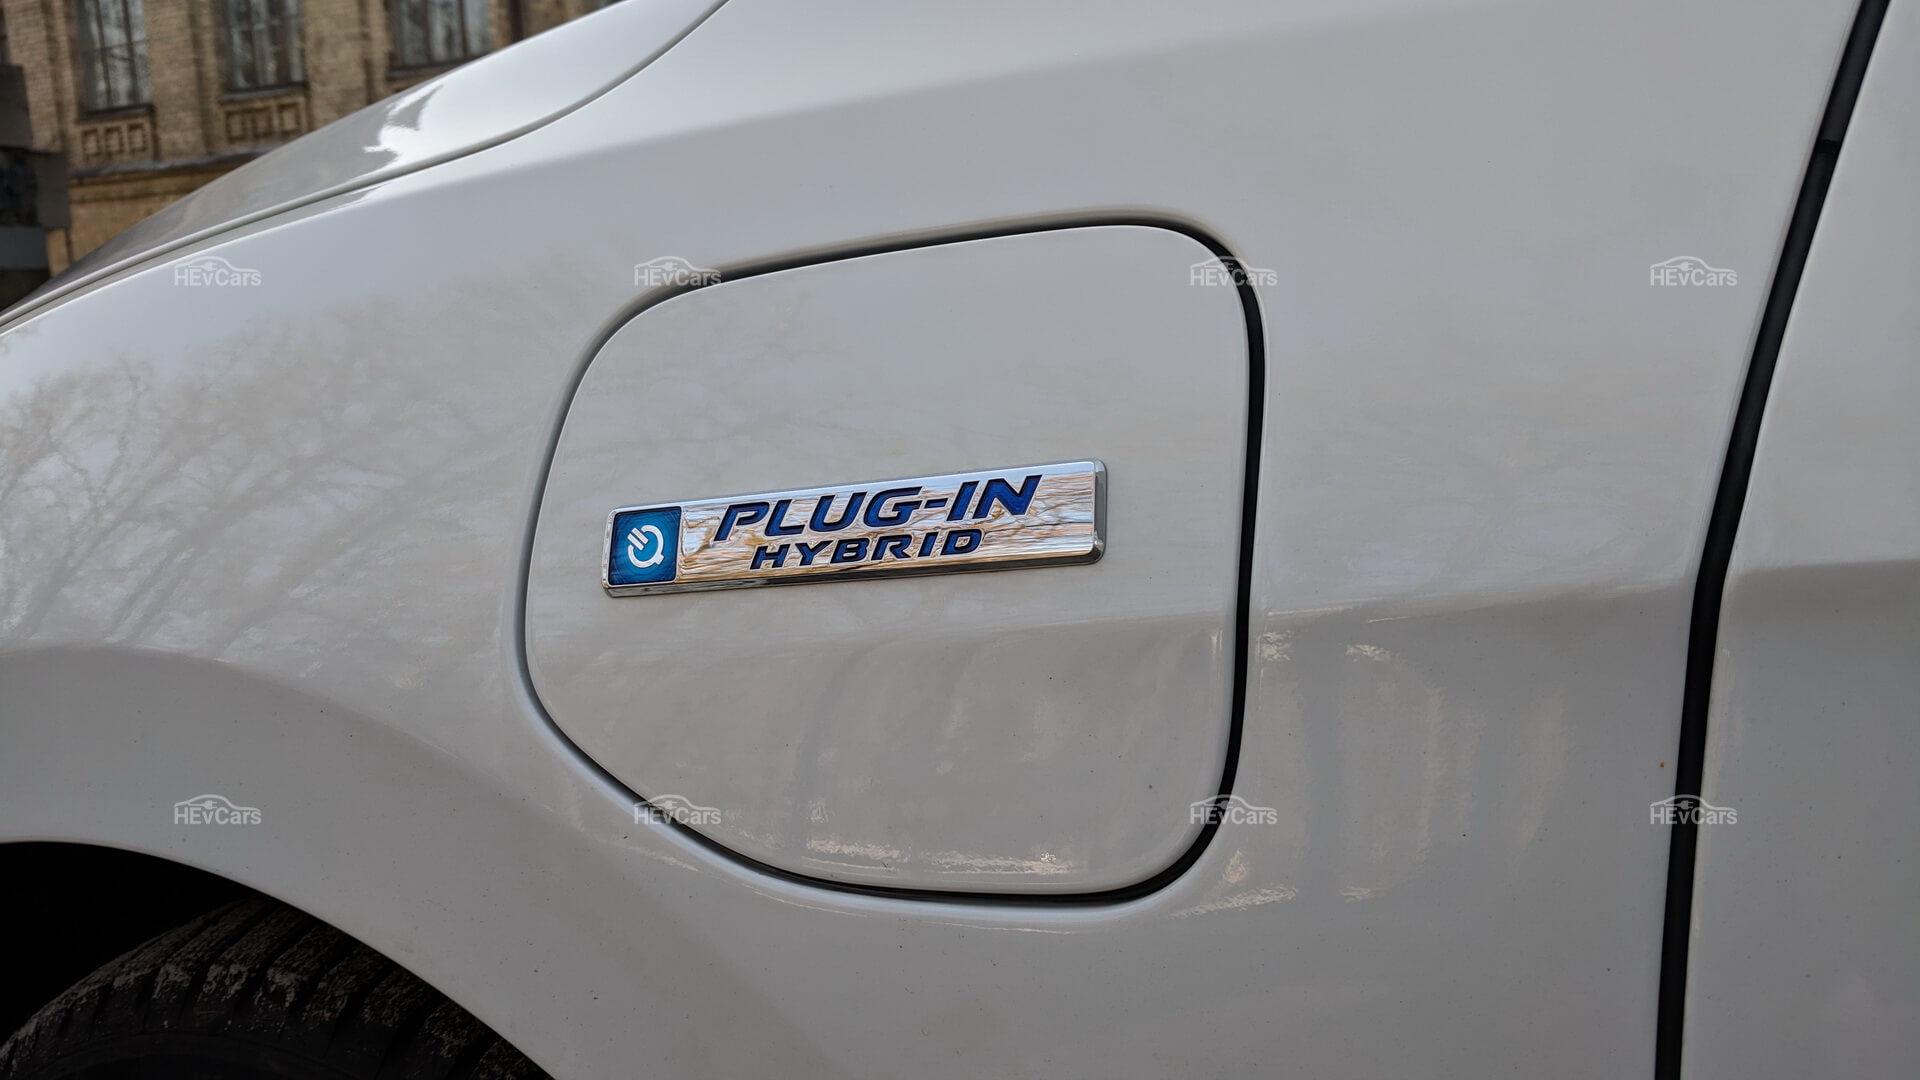 Крышка разъема для подзарядки в Honda Clarity Plug-in Hybrid